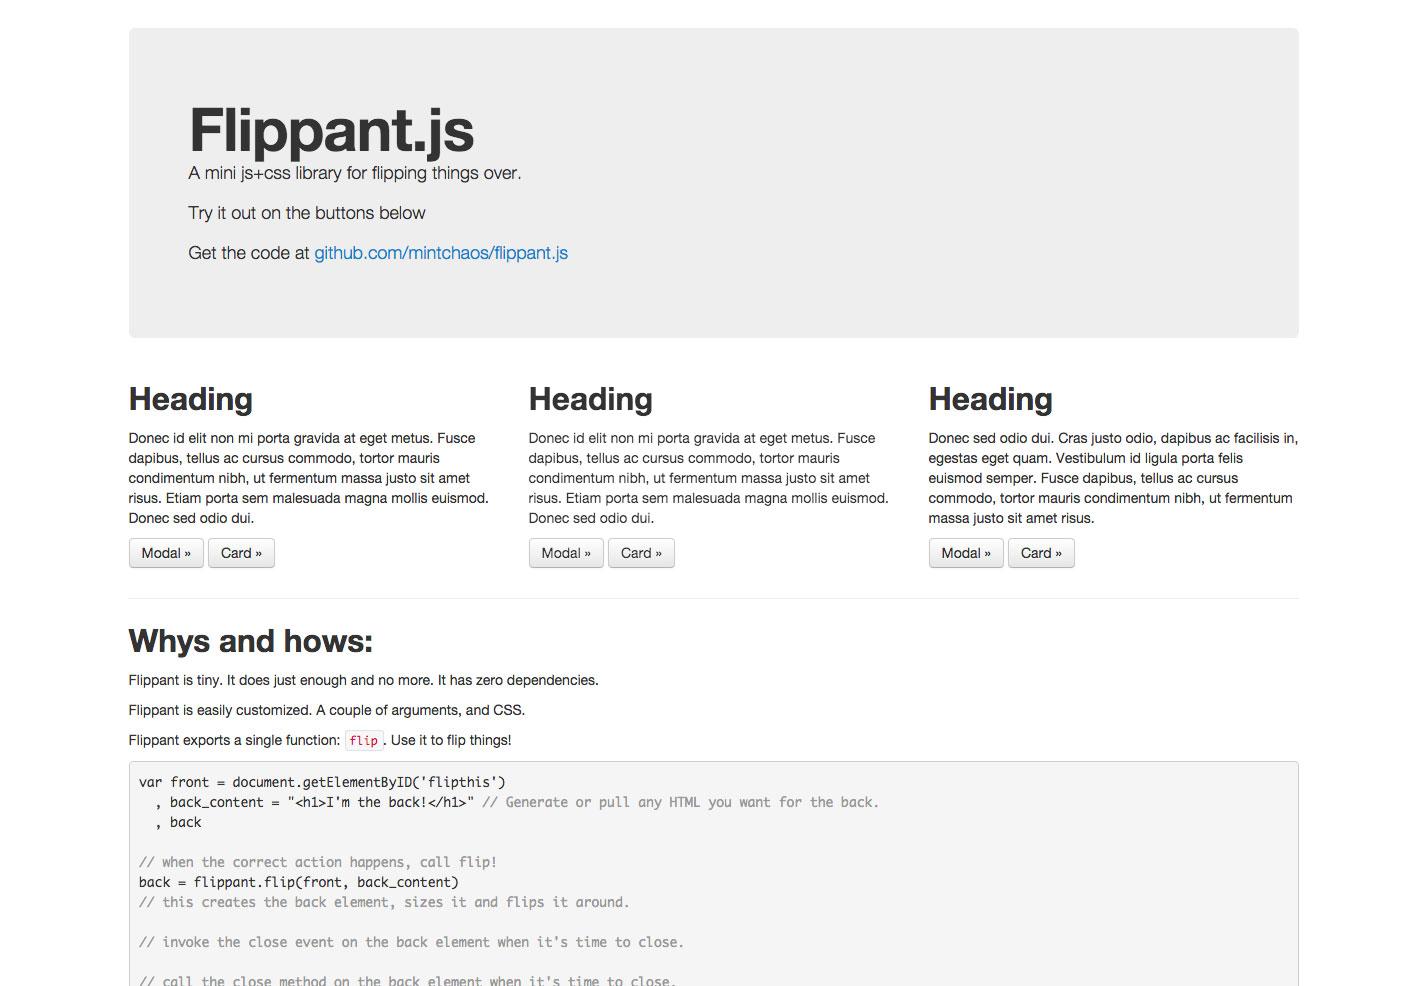 flippant.js